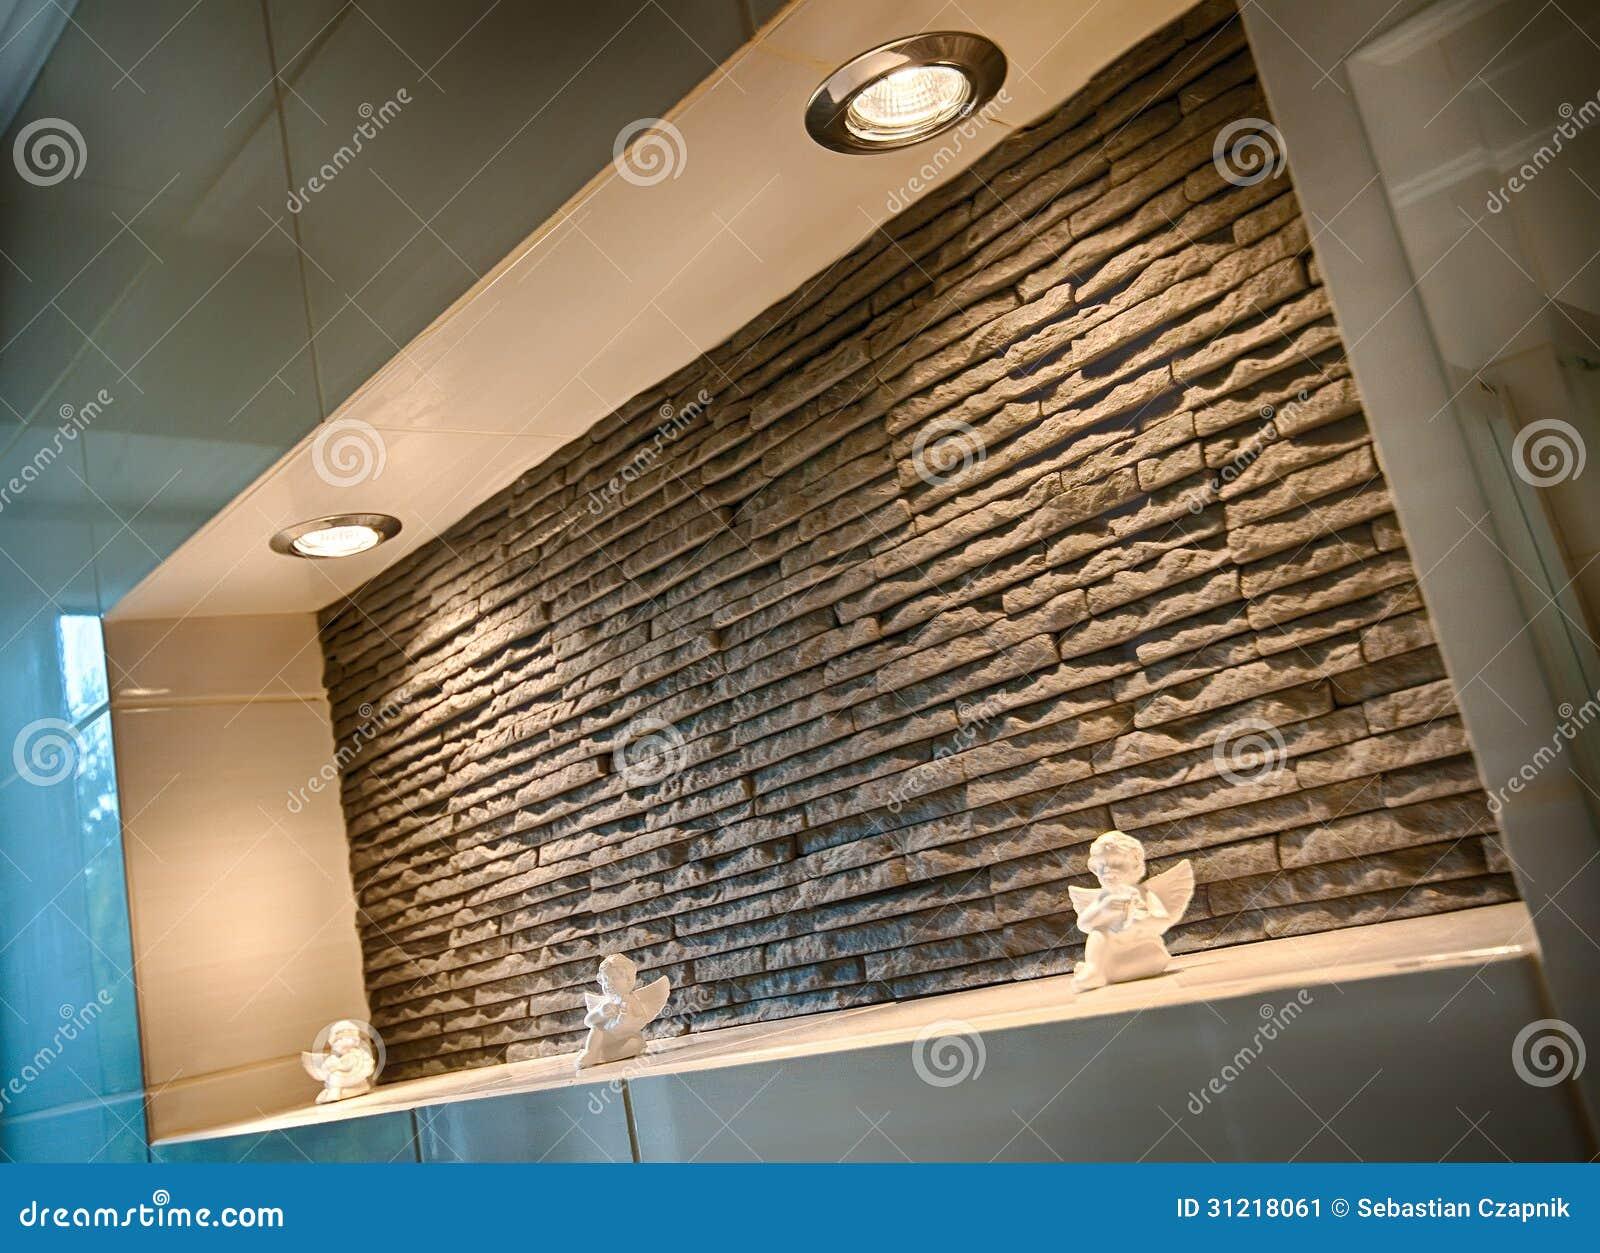 Recessed Shelf In Bathroom Wall